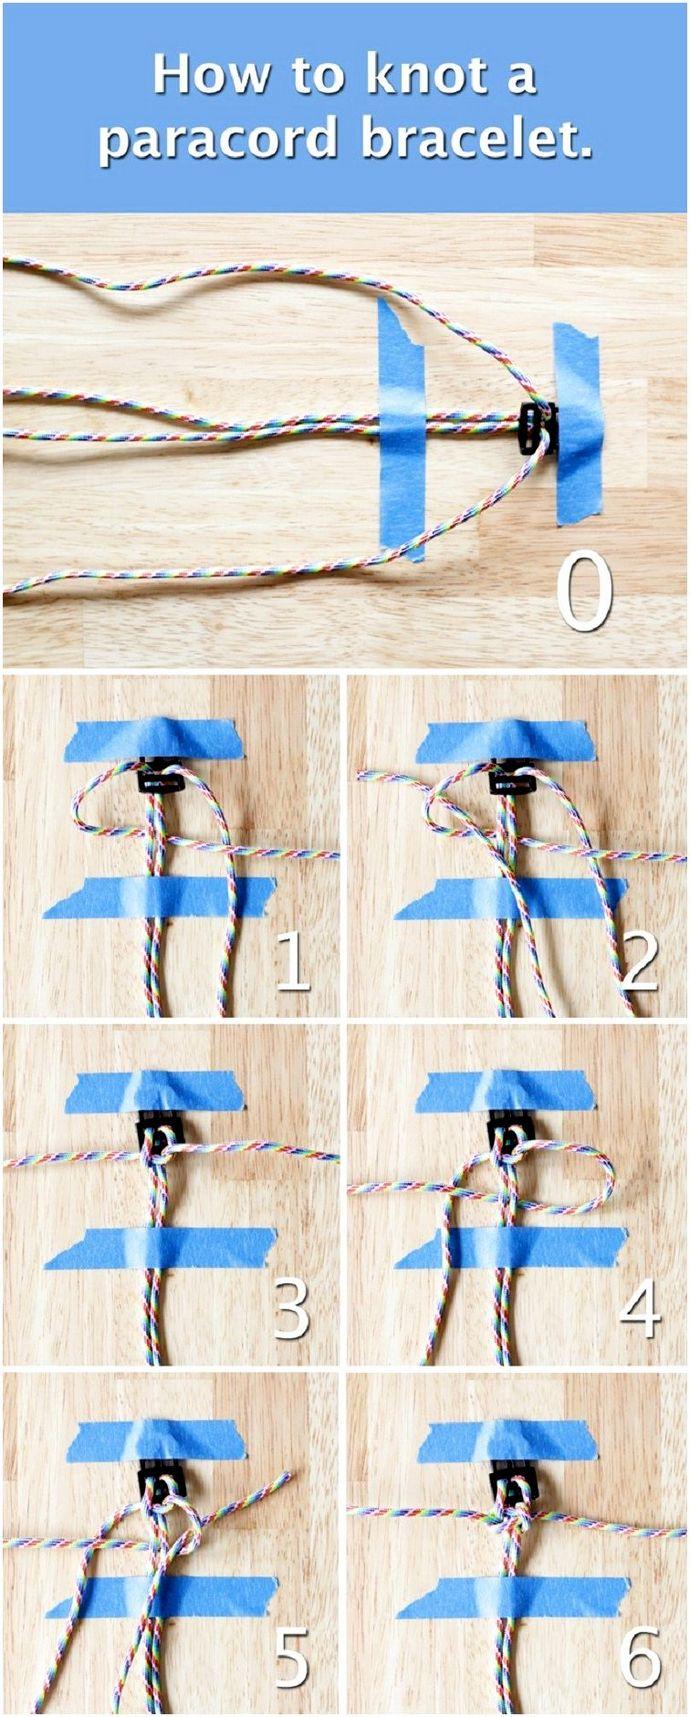 Как сделать браслет из парашютного шнура: лучшее руководство для специалистов по выживанию